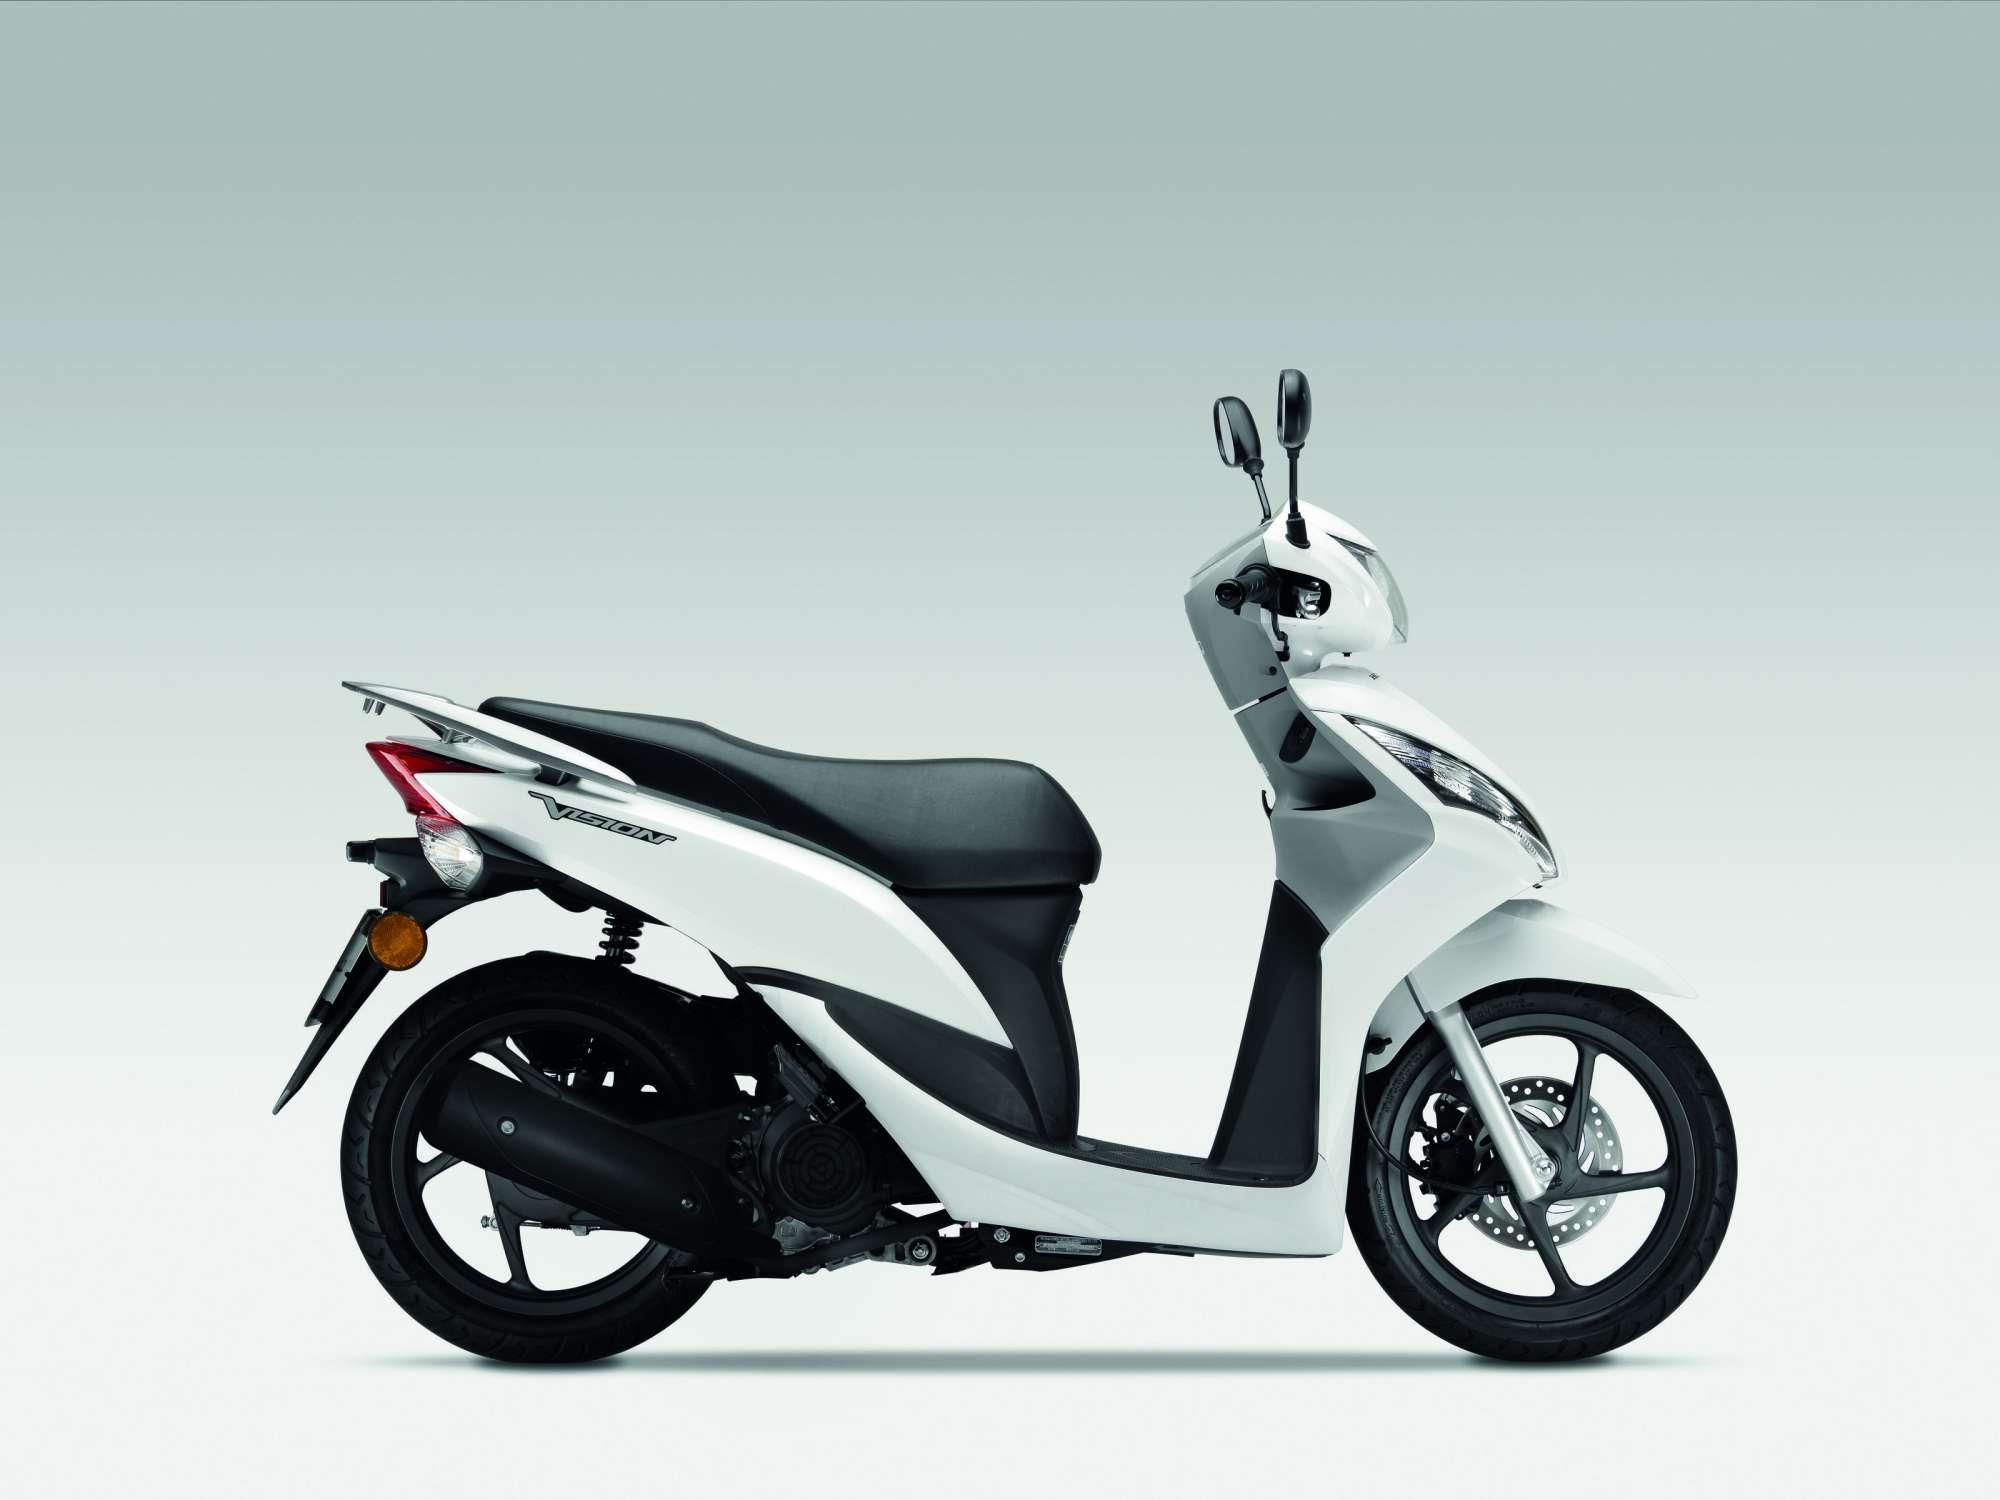 Honda Vision 50 - Alle technischen Daten zum Modell Vision 50 von Honda